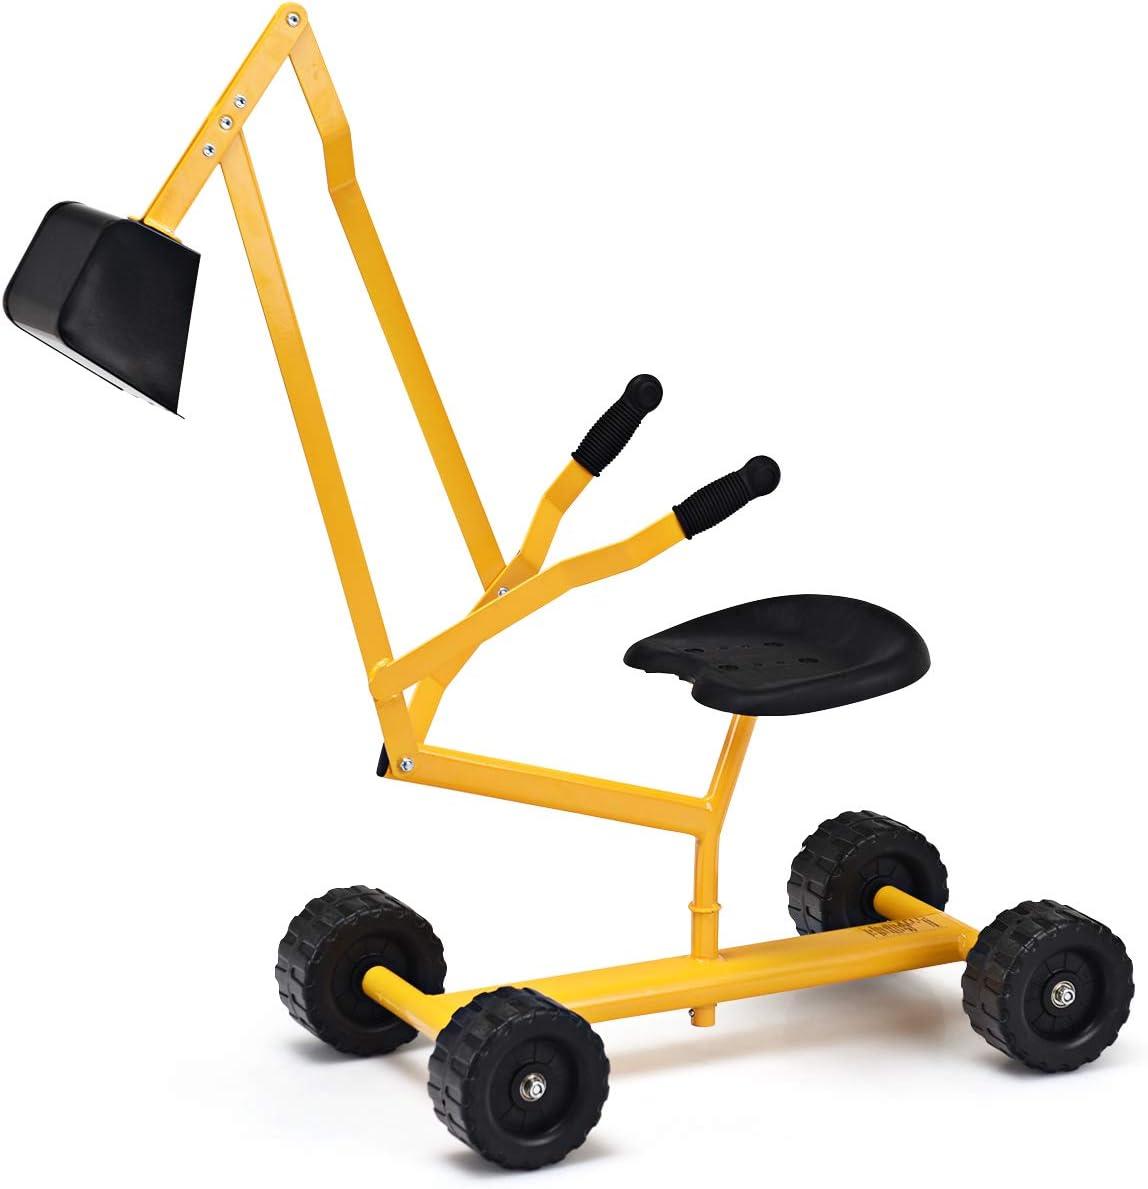 Outdoor Sandbox Toy Costzon Kids Ride-on Sand Digger Heavy Duty Steel Digging Scooper Excavator Crane